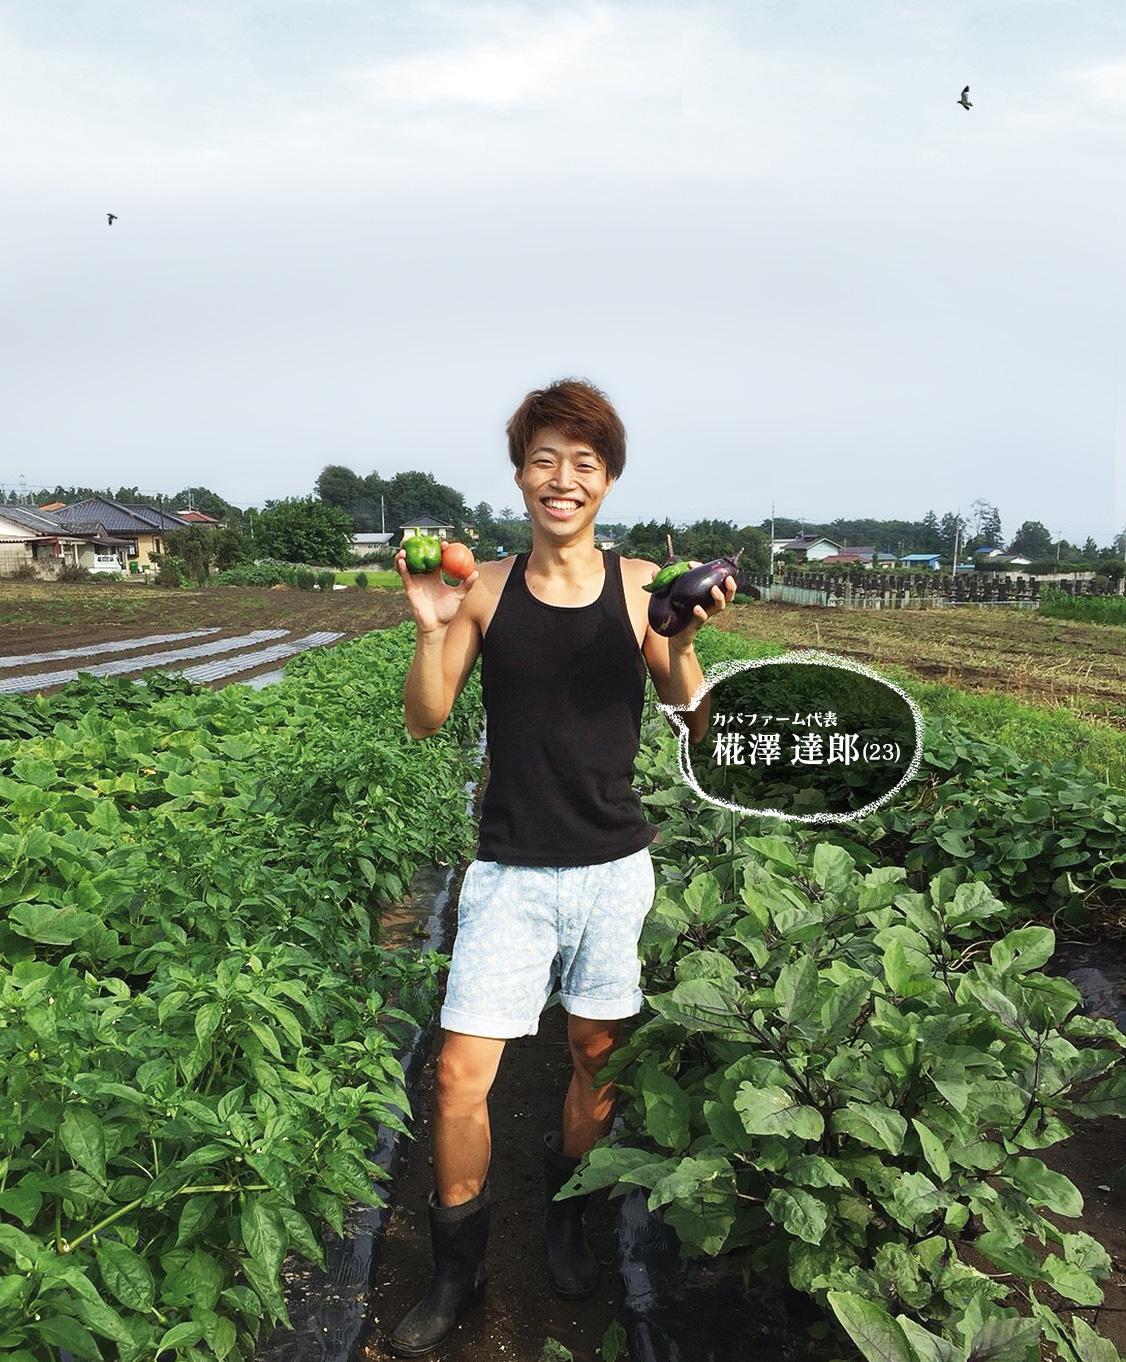 カバファーム代表 椛澤 達郎(21)